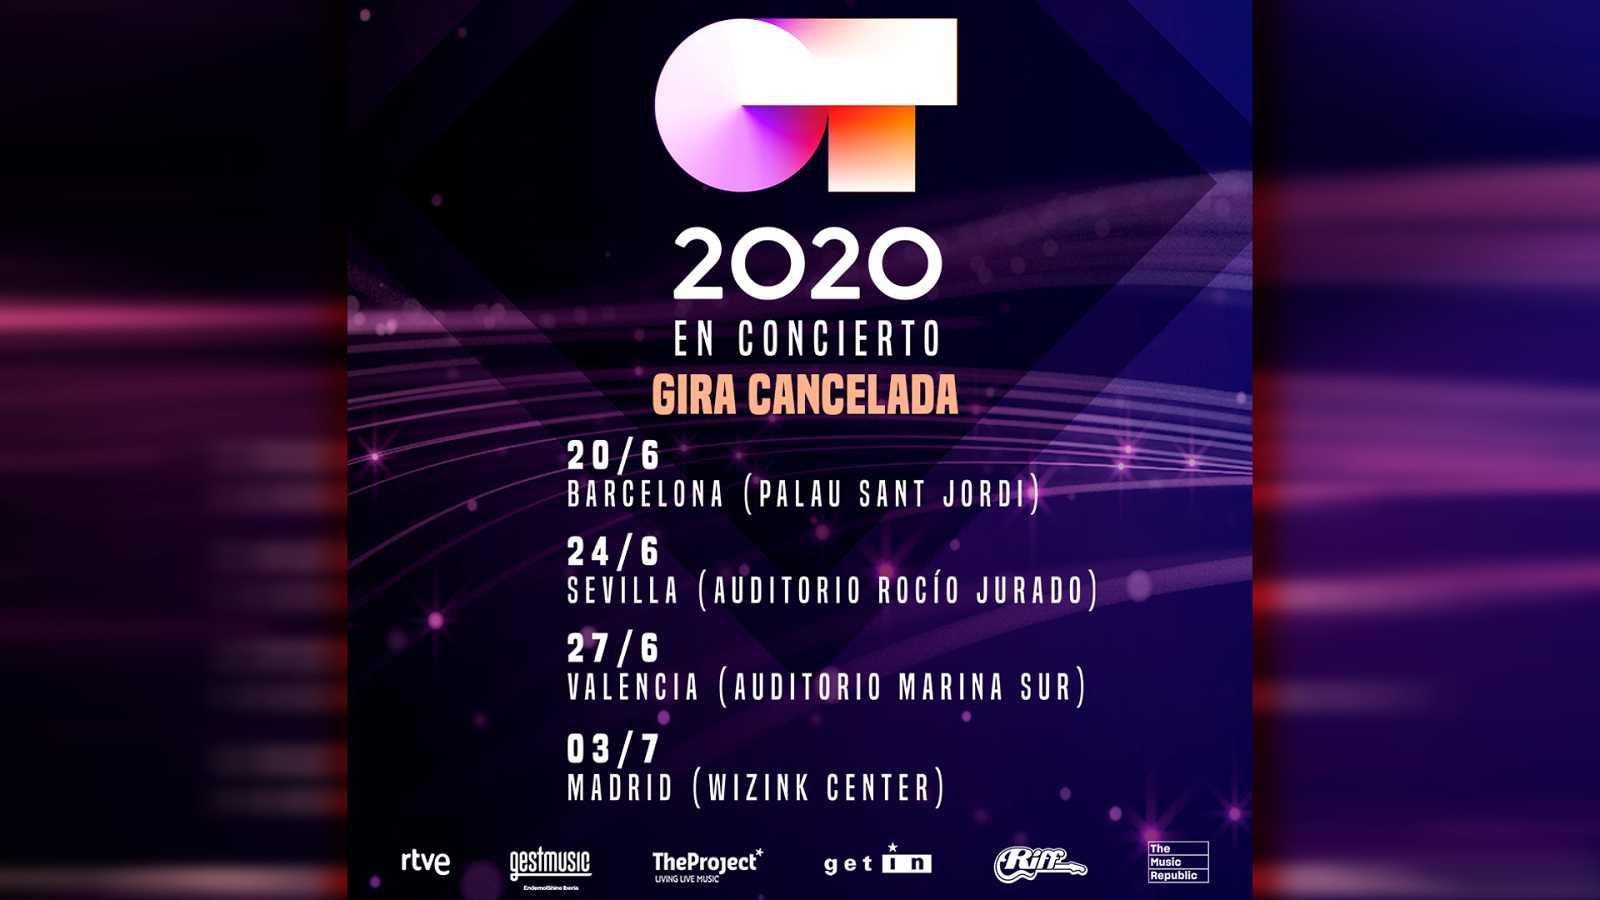 """Cancelada la gira """"Operación Triunfo 2020"""""""